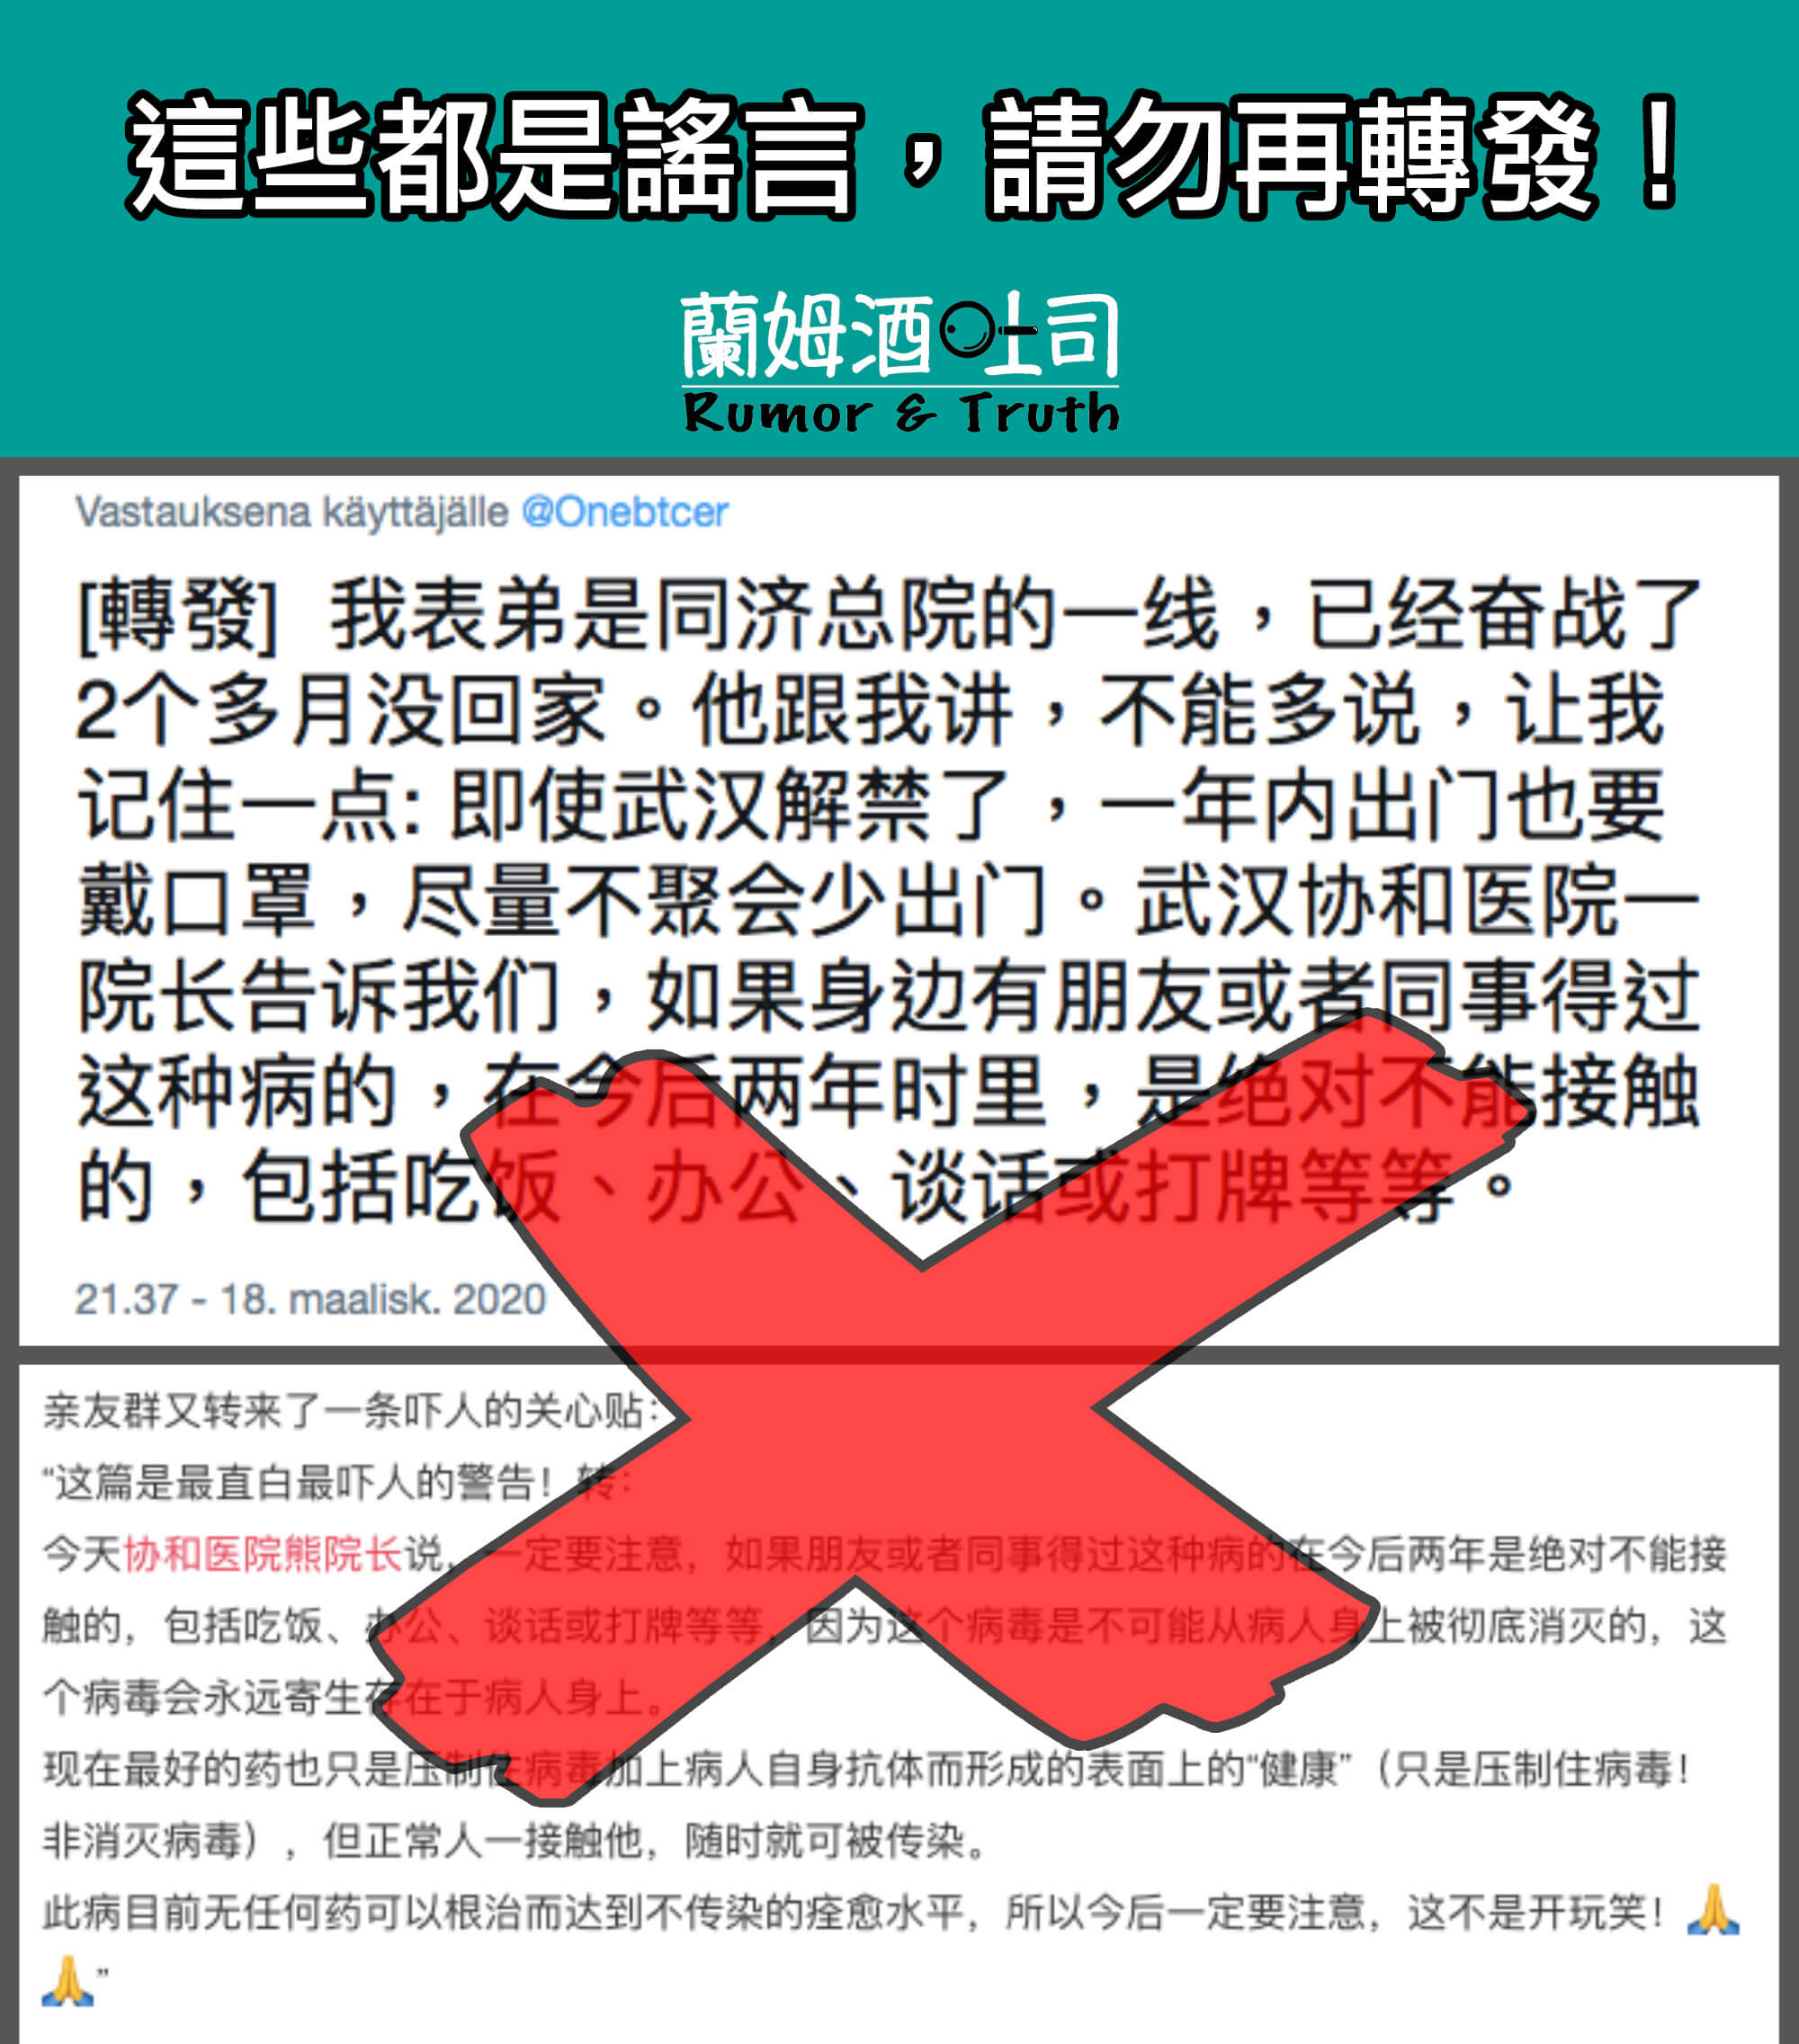 來自中國的謠言,請勿再轉發。(圖/蘭姆酒吐司製作)